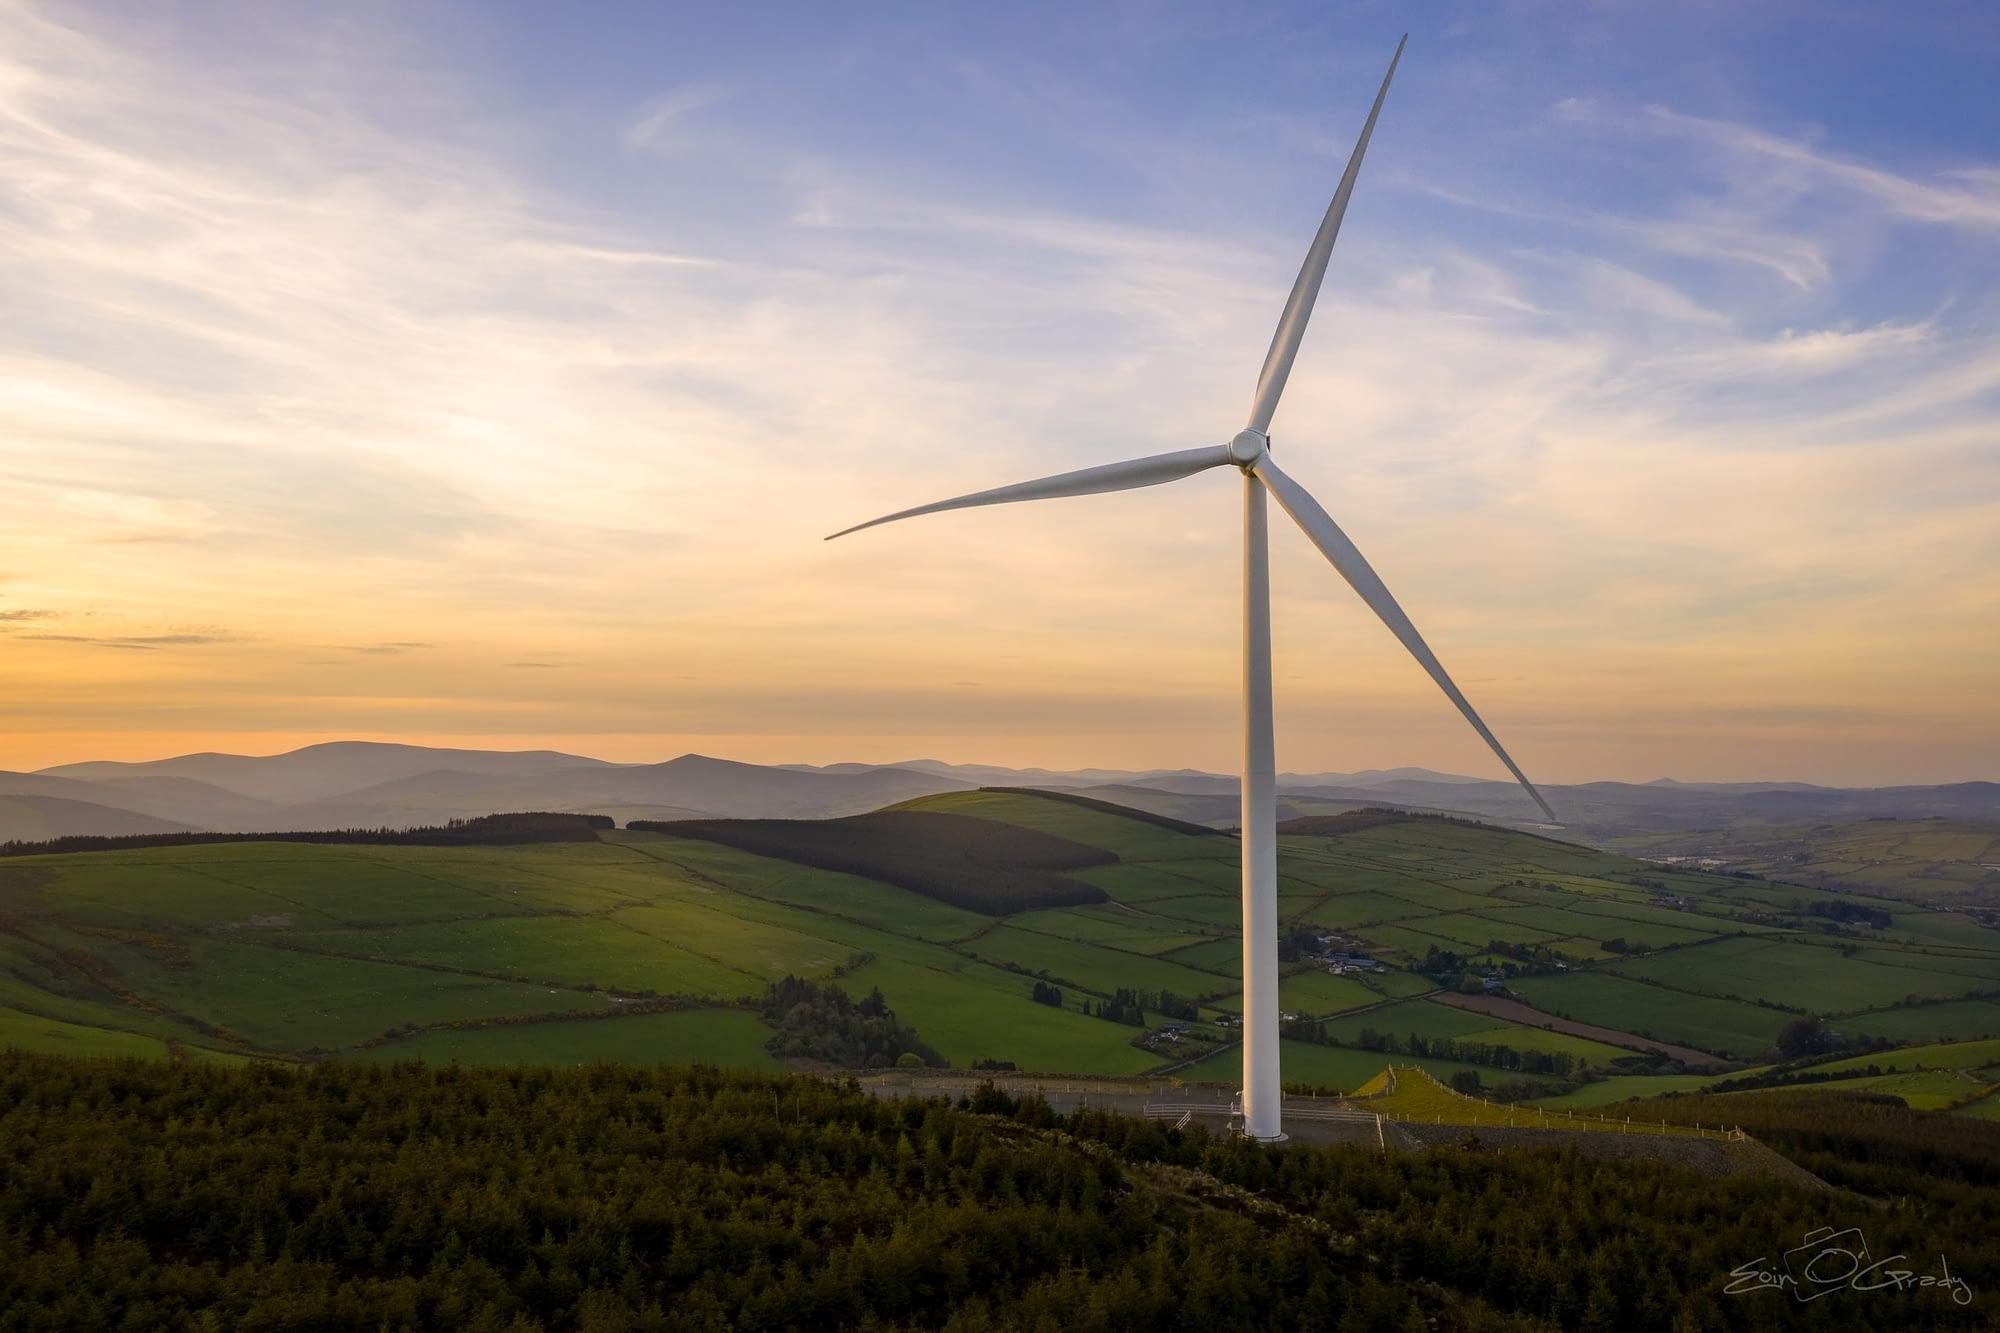 Raheenleagh Wind Farm, Co. Wicklow